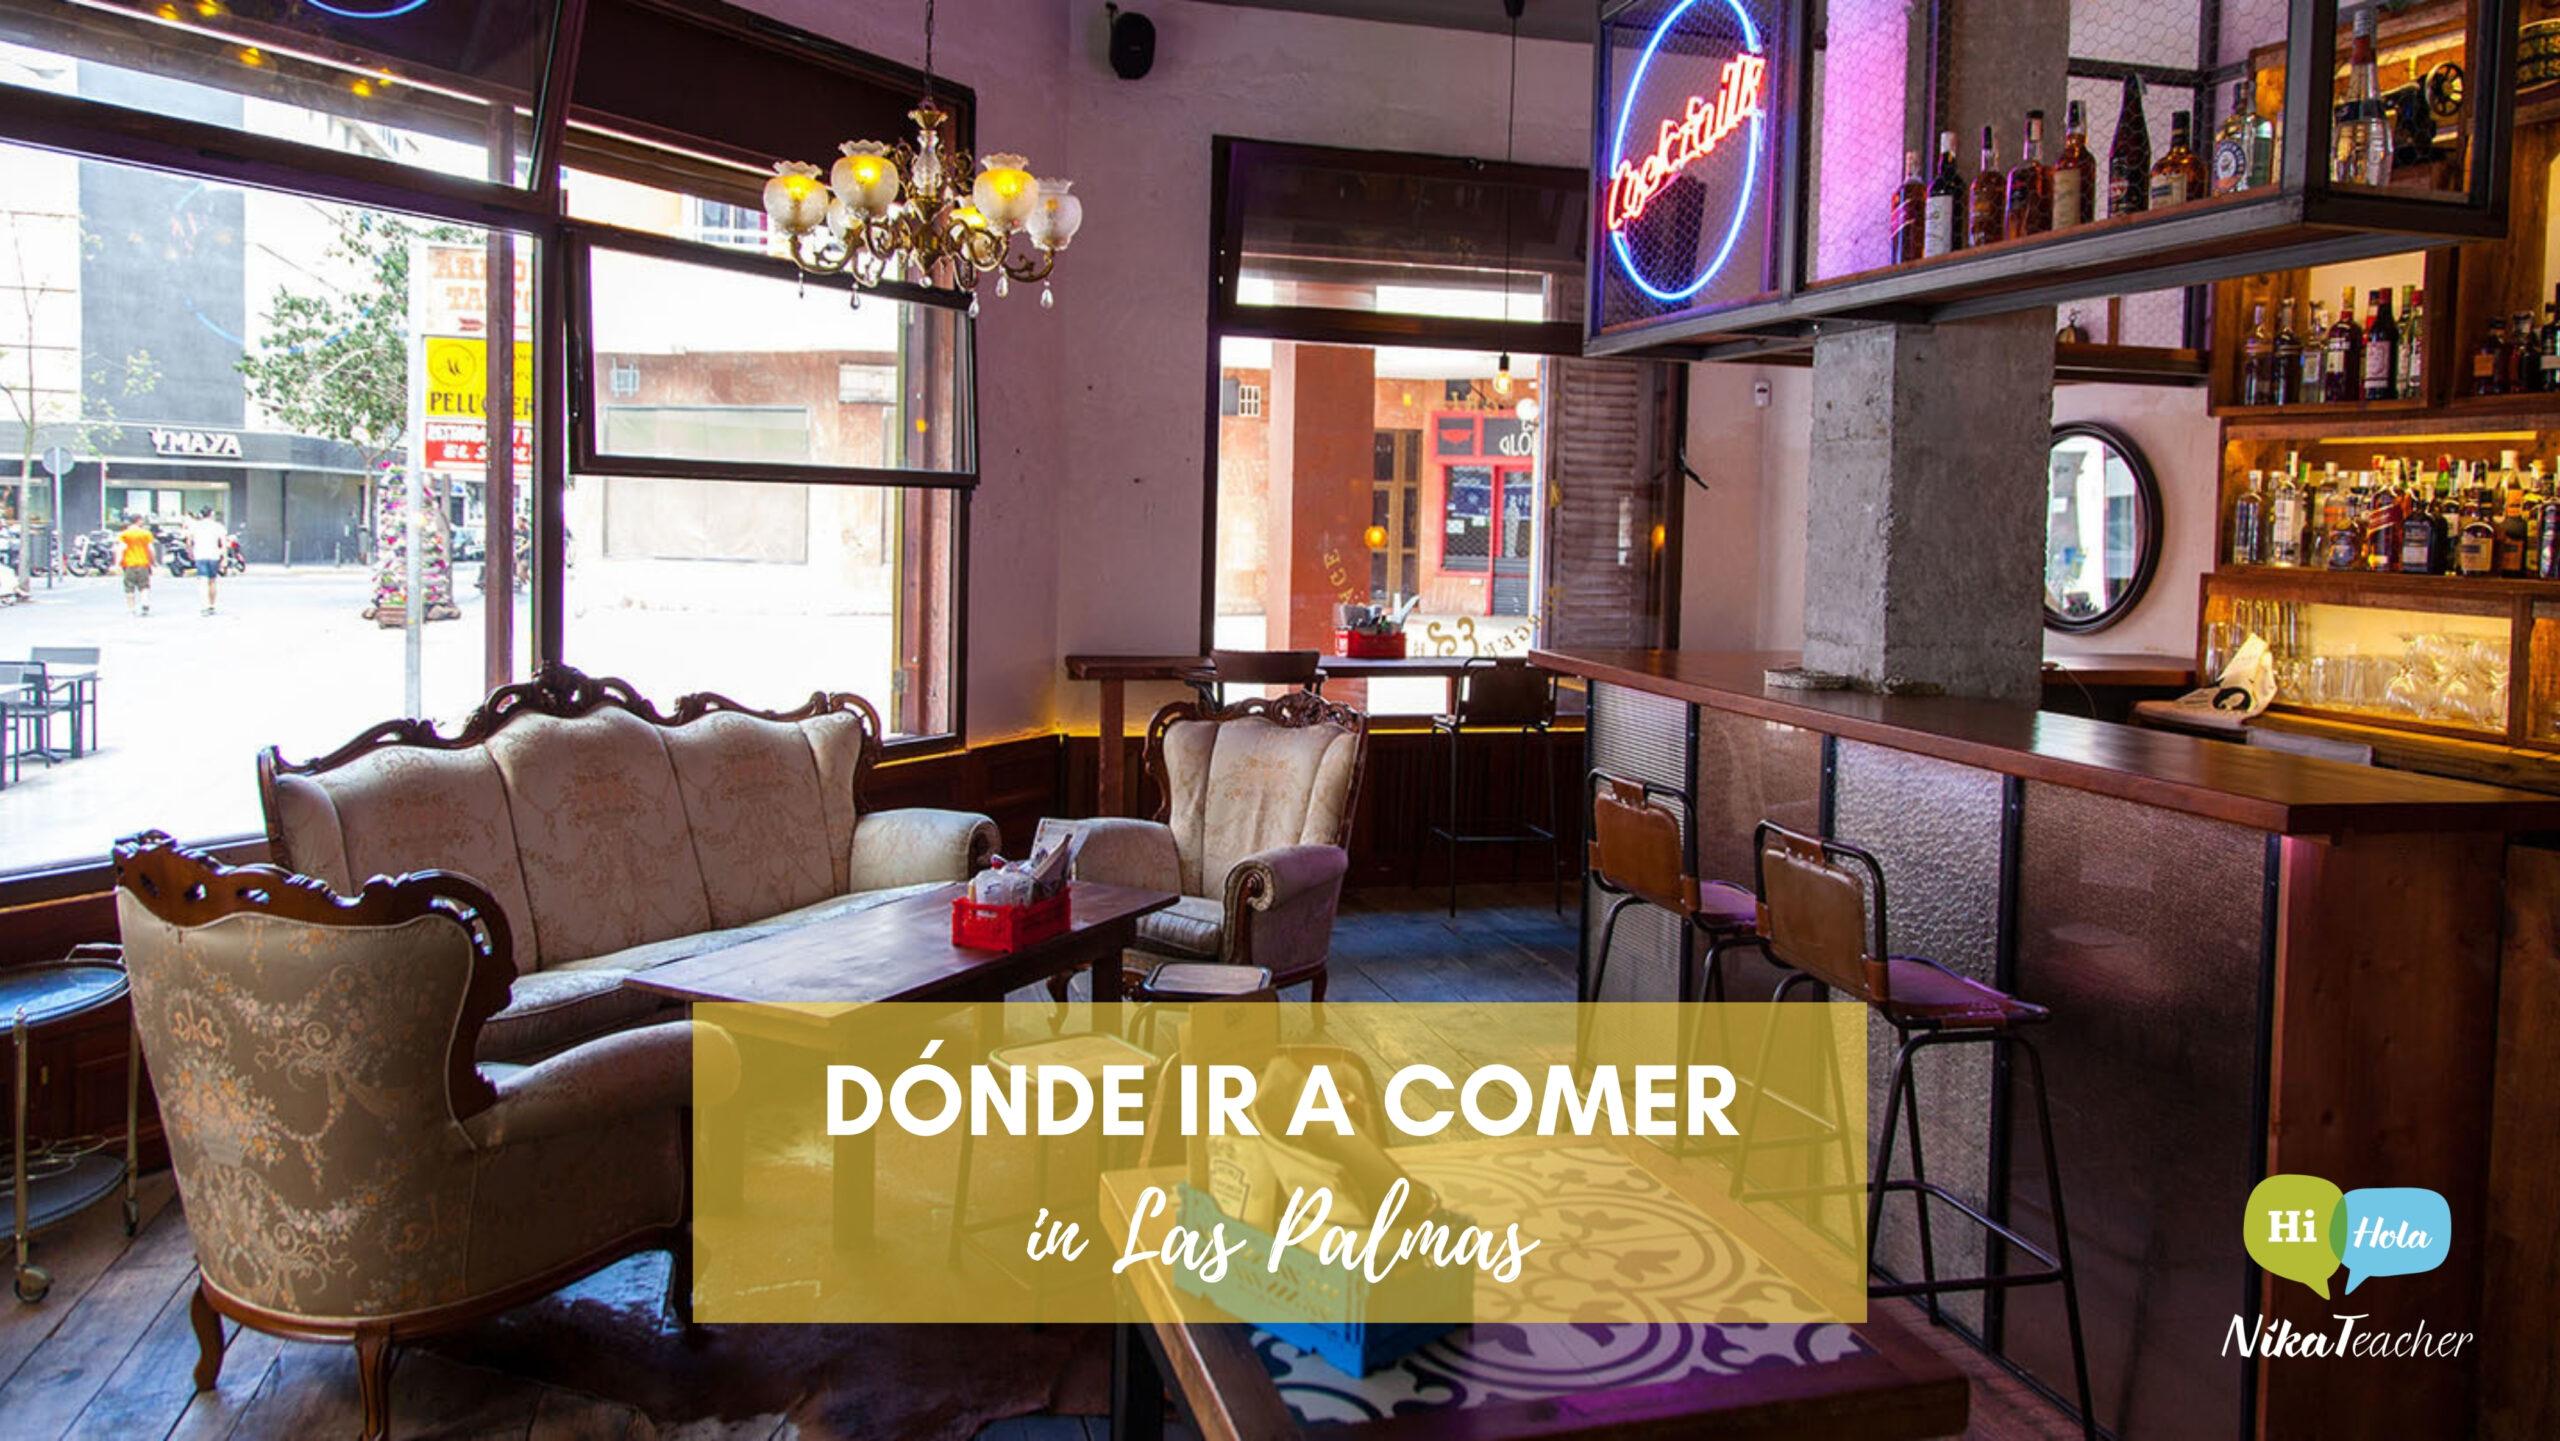 Dónde ir a comer en Las Palmas de Gran Canaria, restaurantes, ista de los lugares recomendados